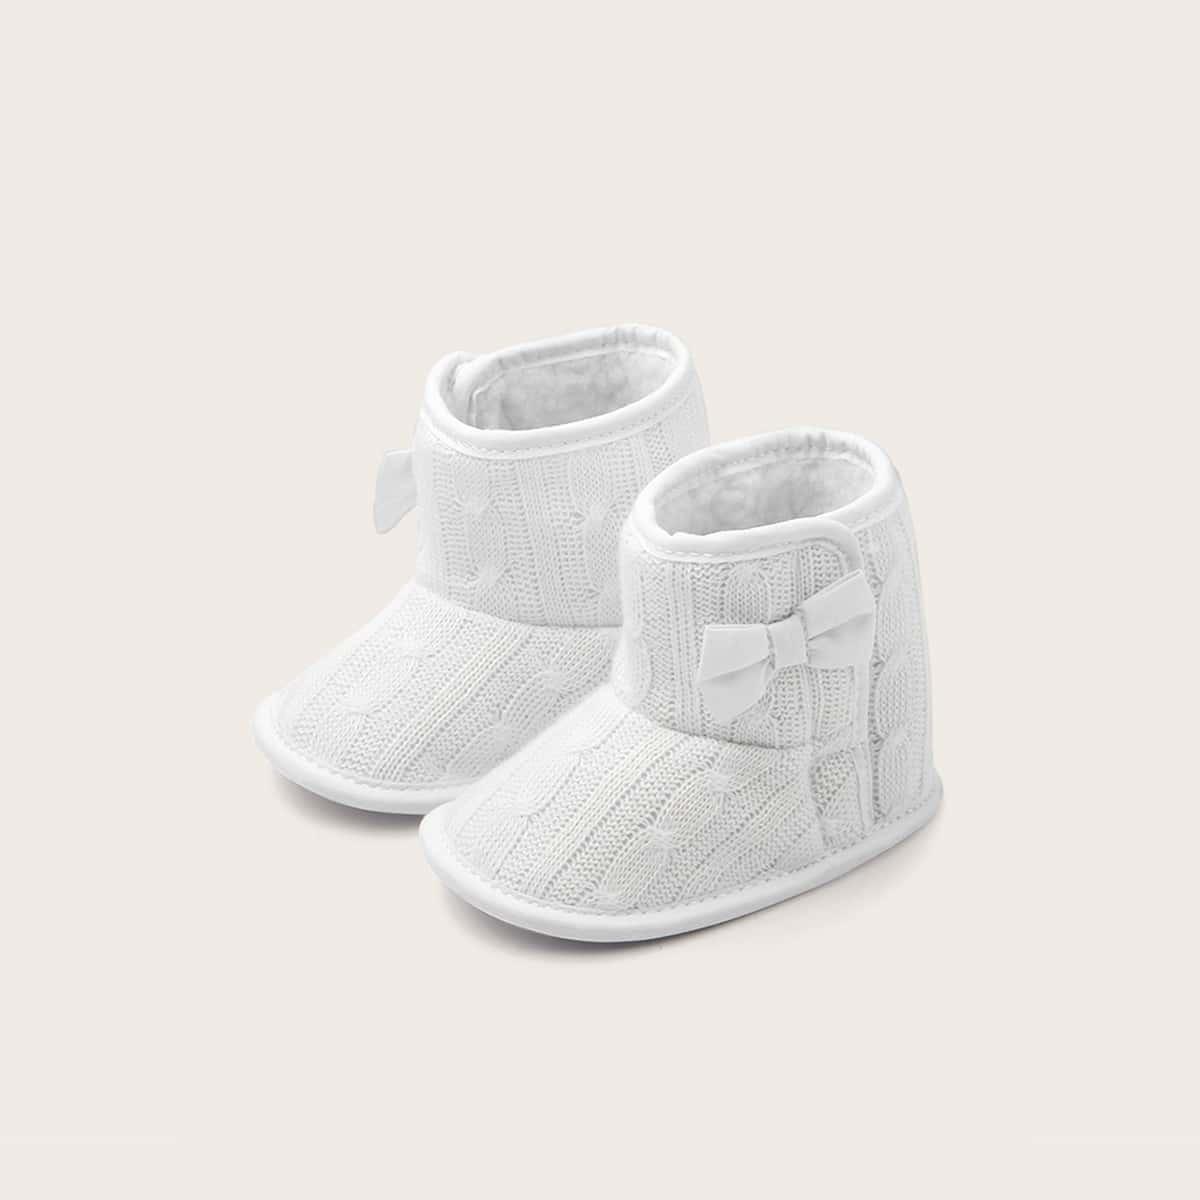 Laarzen met strikknopen voor babymeisjes